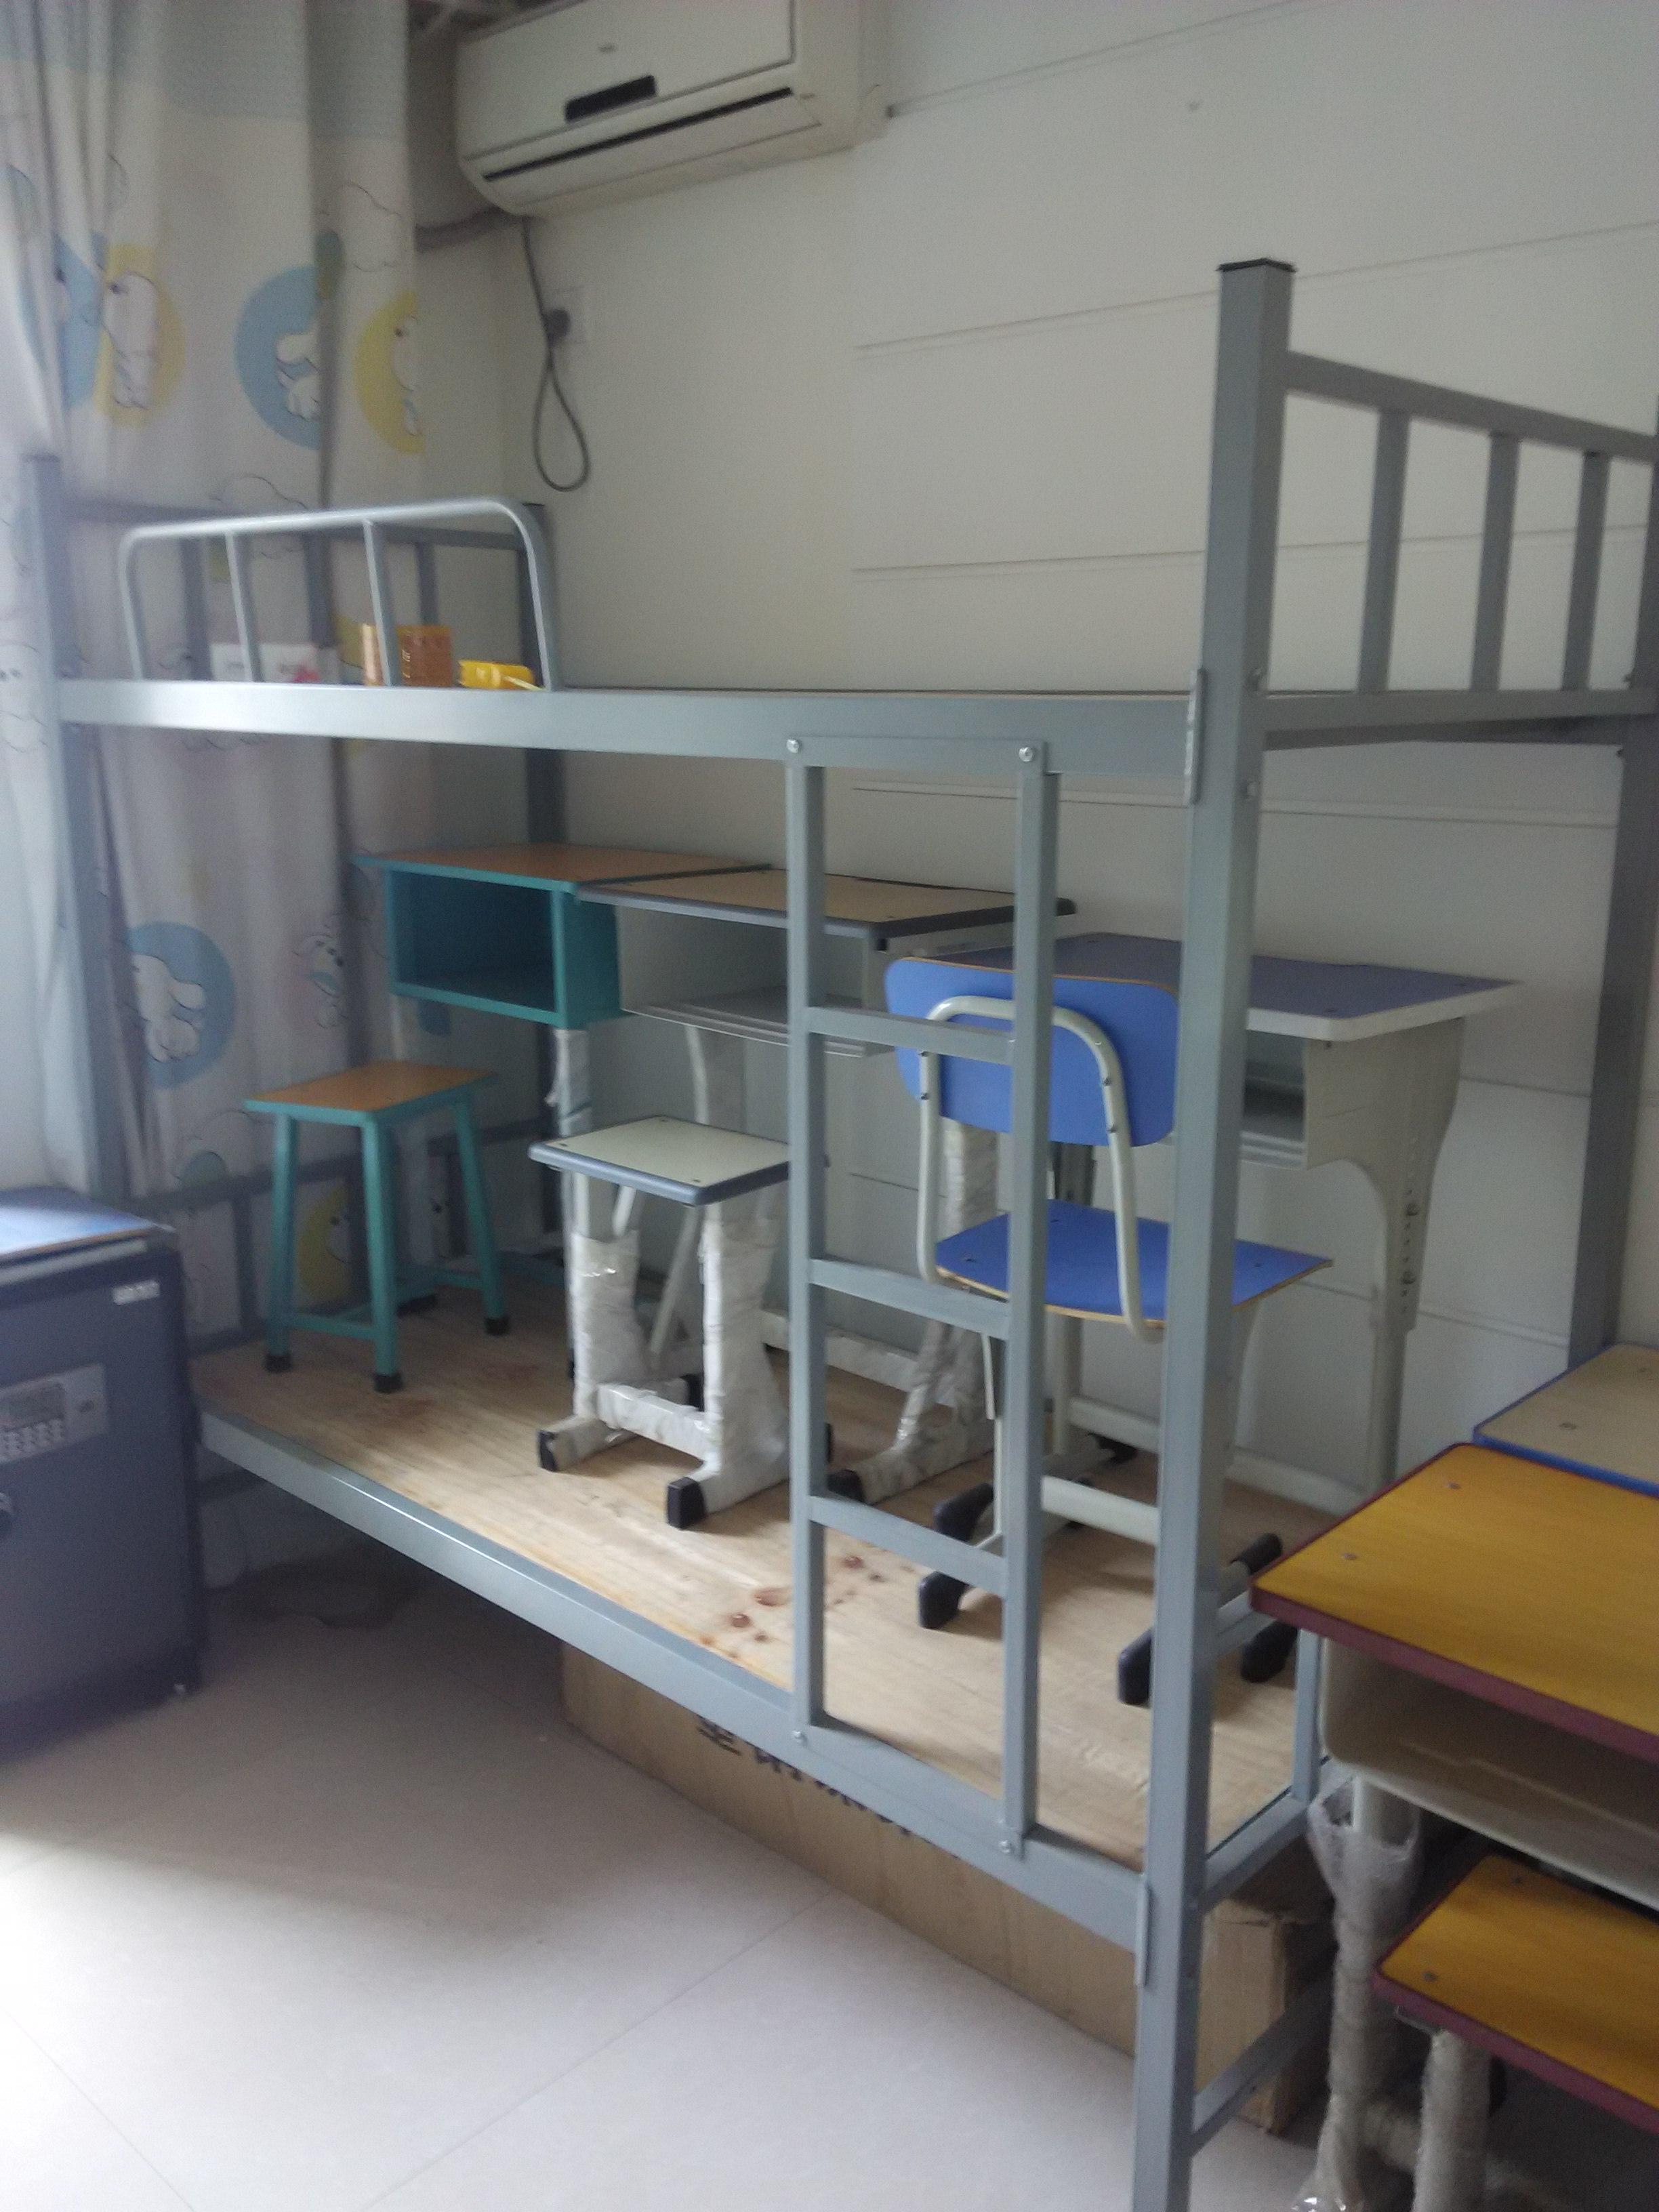 供应郑州工程用双层床生产厂家,工程双层床尺寸,工程双层床钢管质量